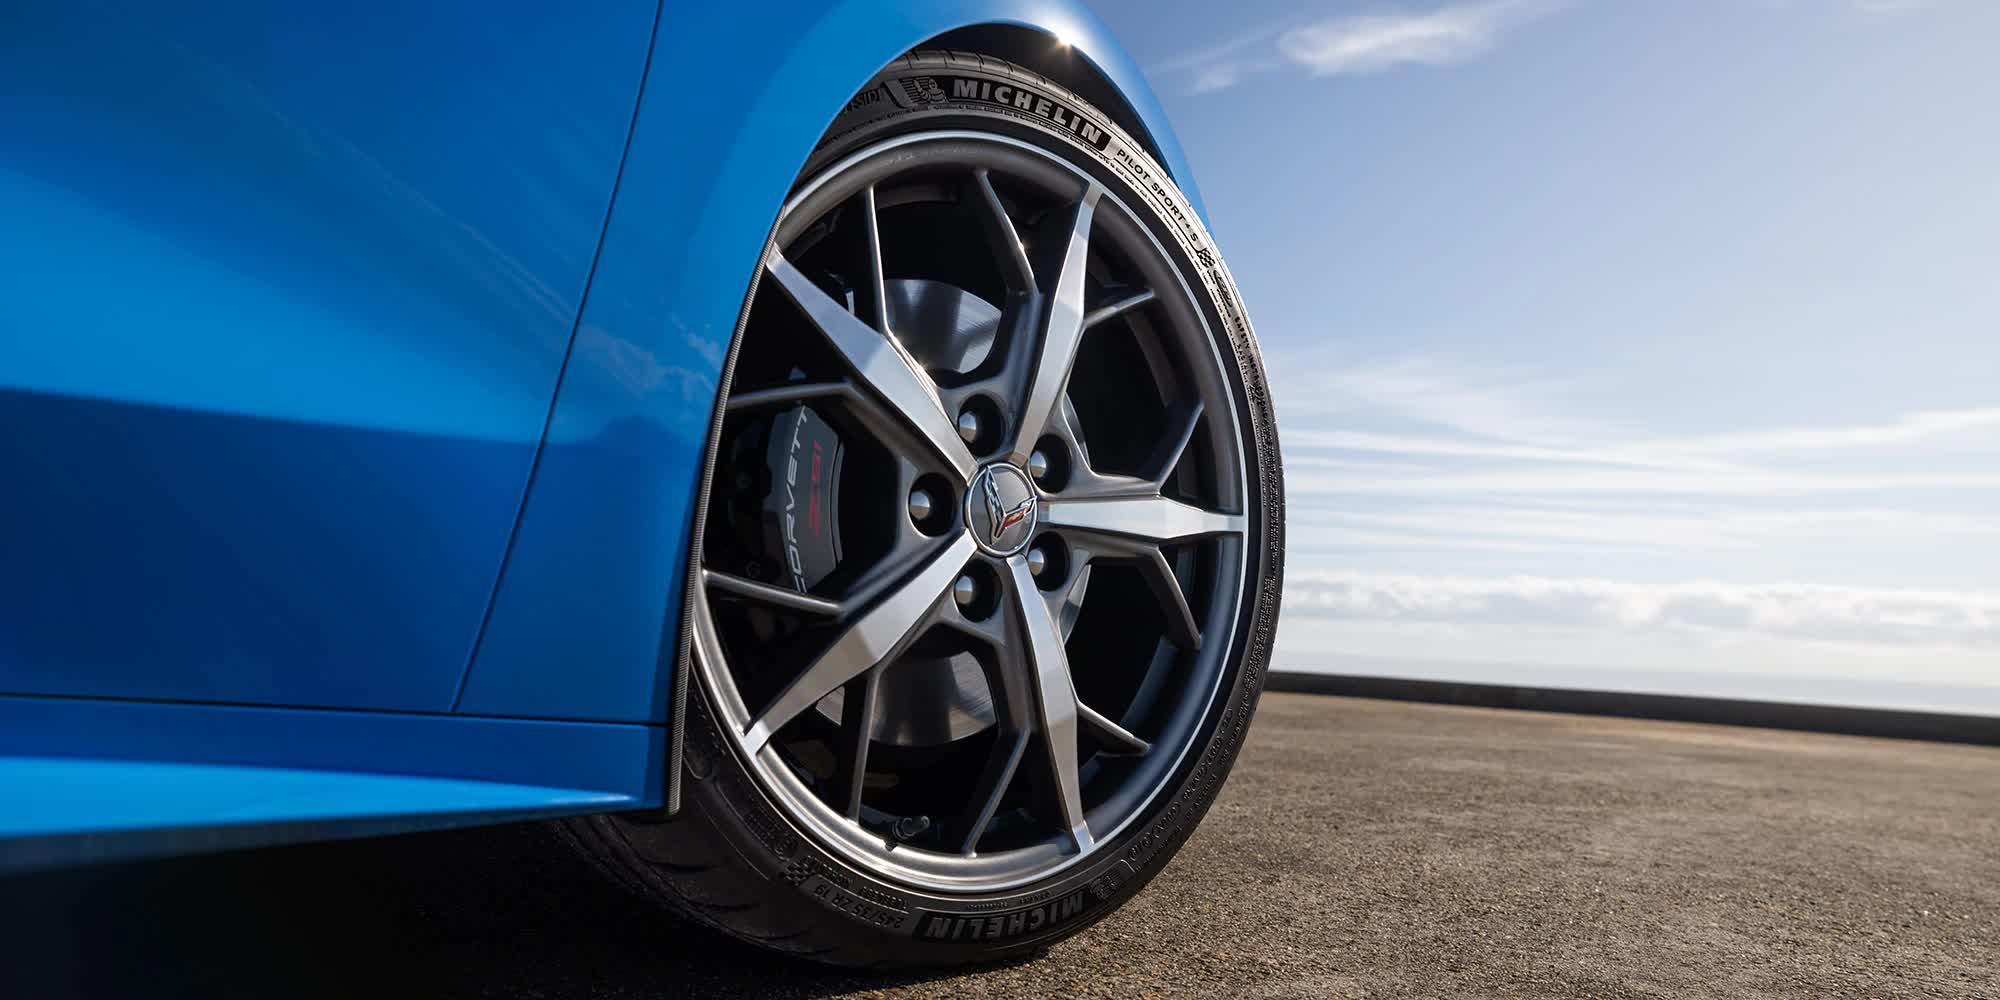 dettaglio-cerchio-razze-Corvette-c8-stingray-2020-blu-auto-sportiva-a-motore-centrale-disponibile-con-allestimento-coupe-e-convertible-in-esclusiva-presso-gruppo-cavauto-a-Monza.jpg